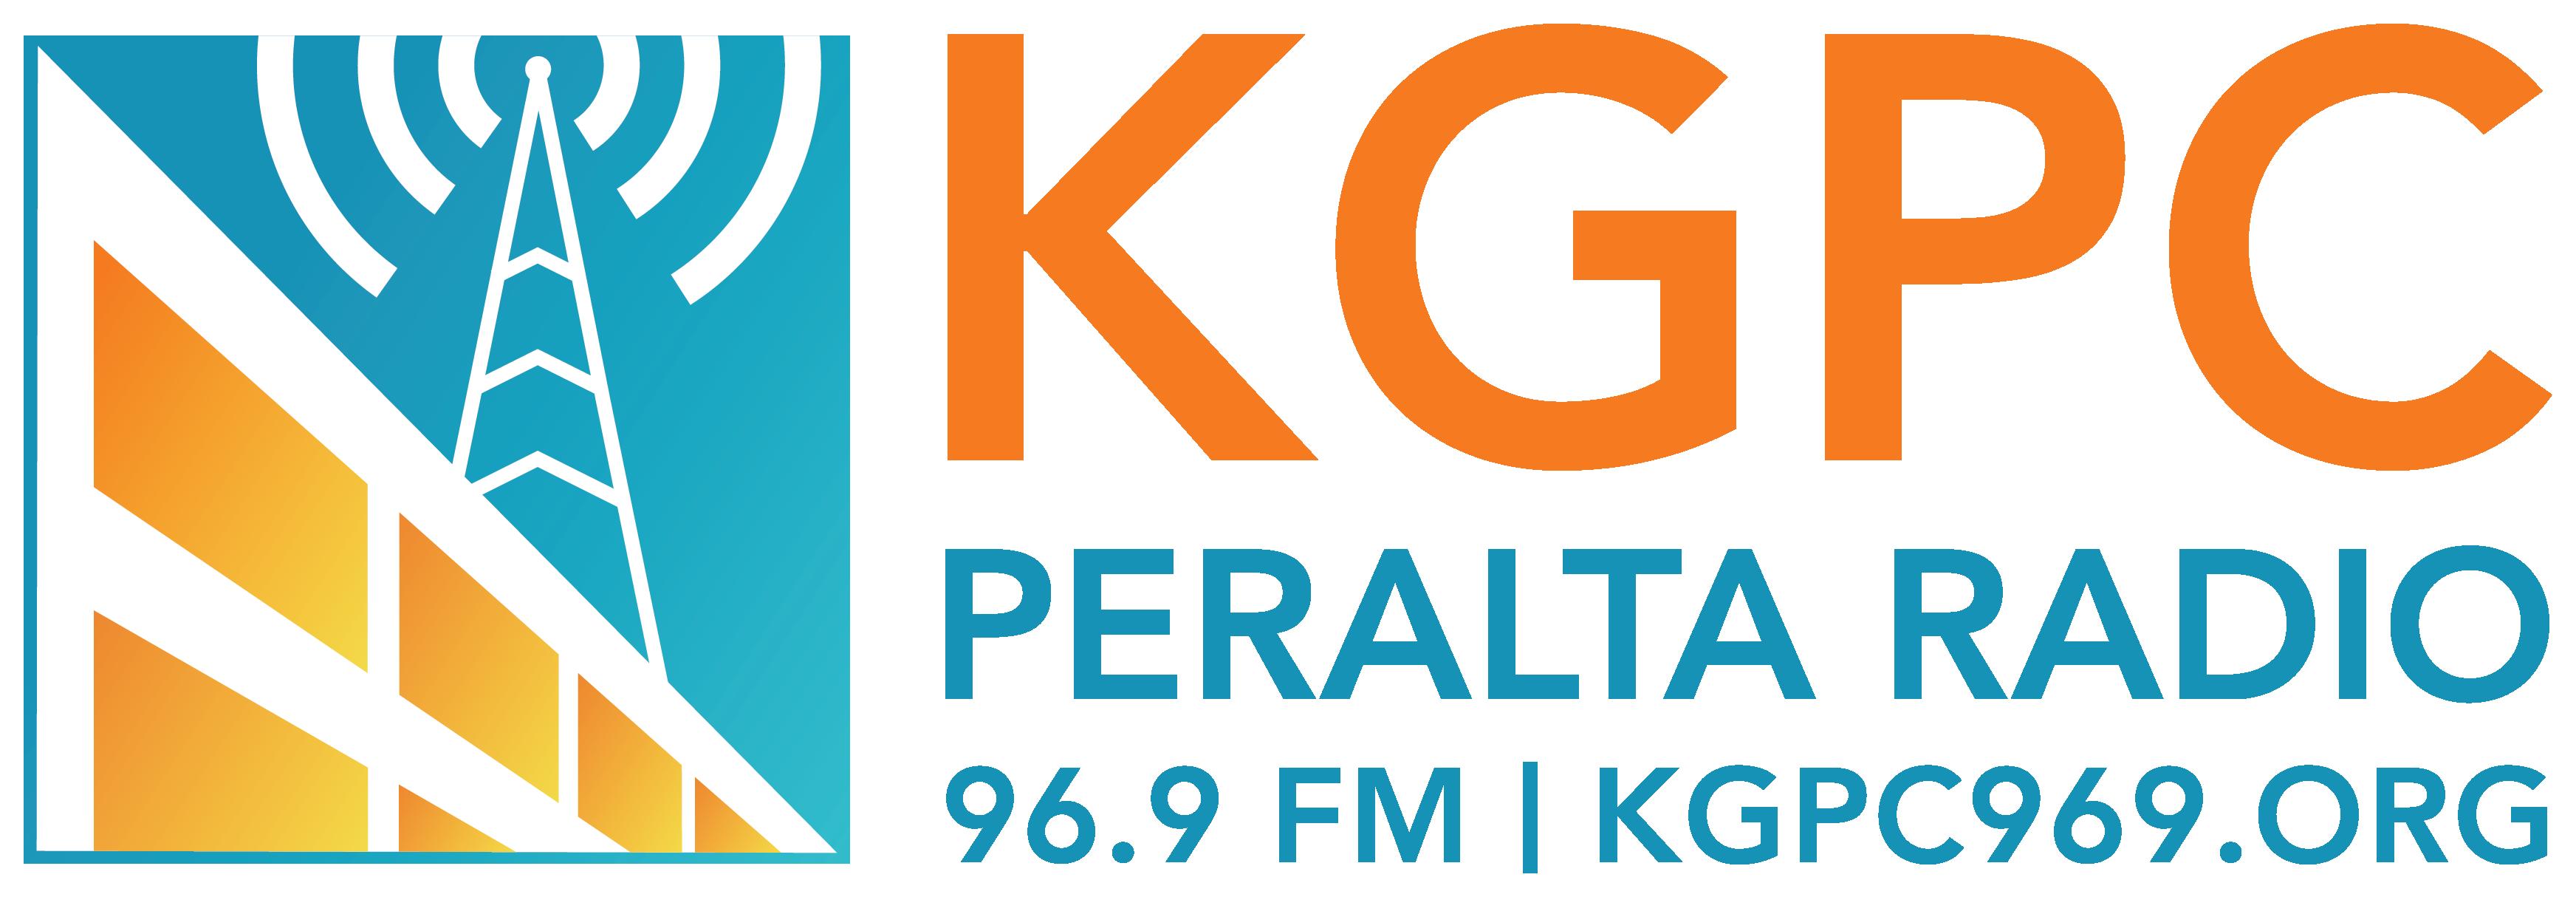 New KGPC radio logo